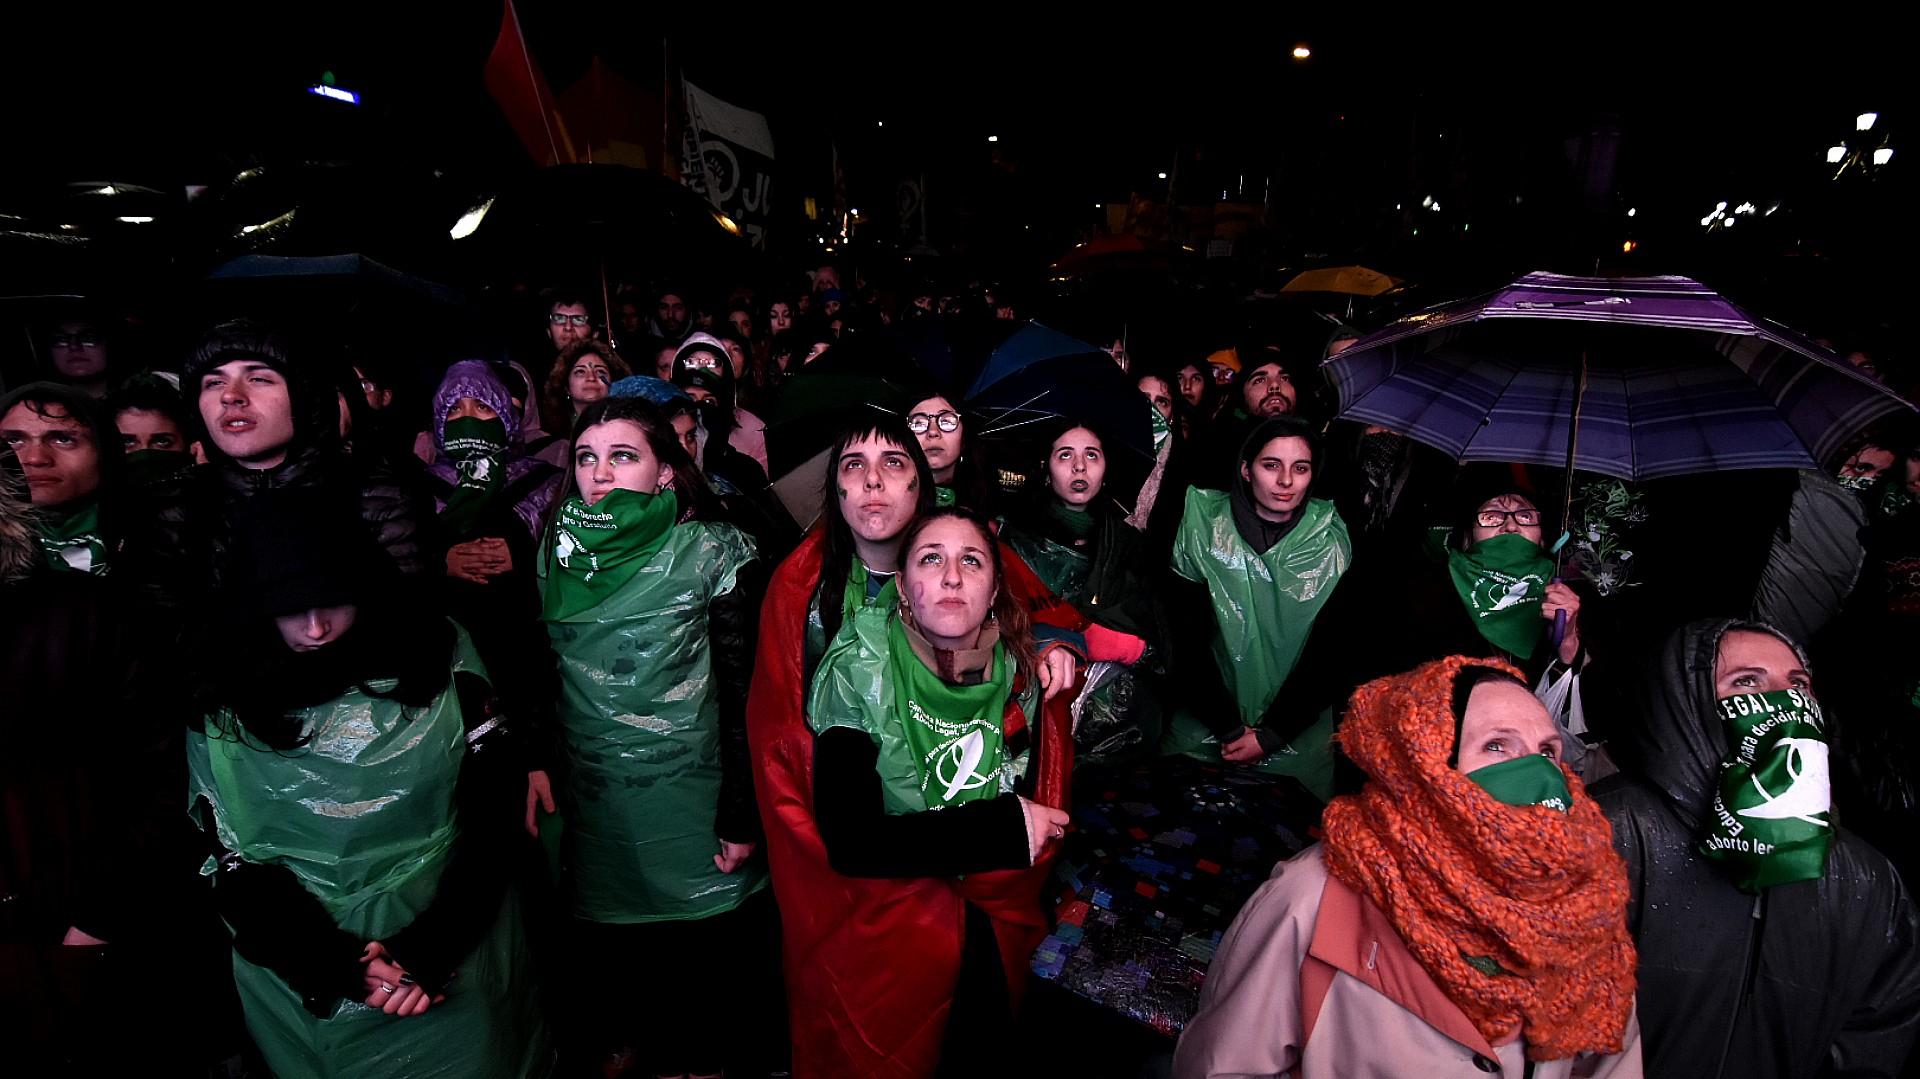 Manifestación a favor de la legalización del aborto mientras la ley se debatía en el Senado (Foto: Nicolás Stulberg)